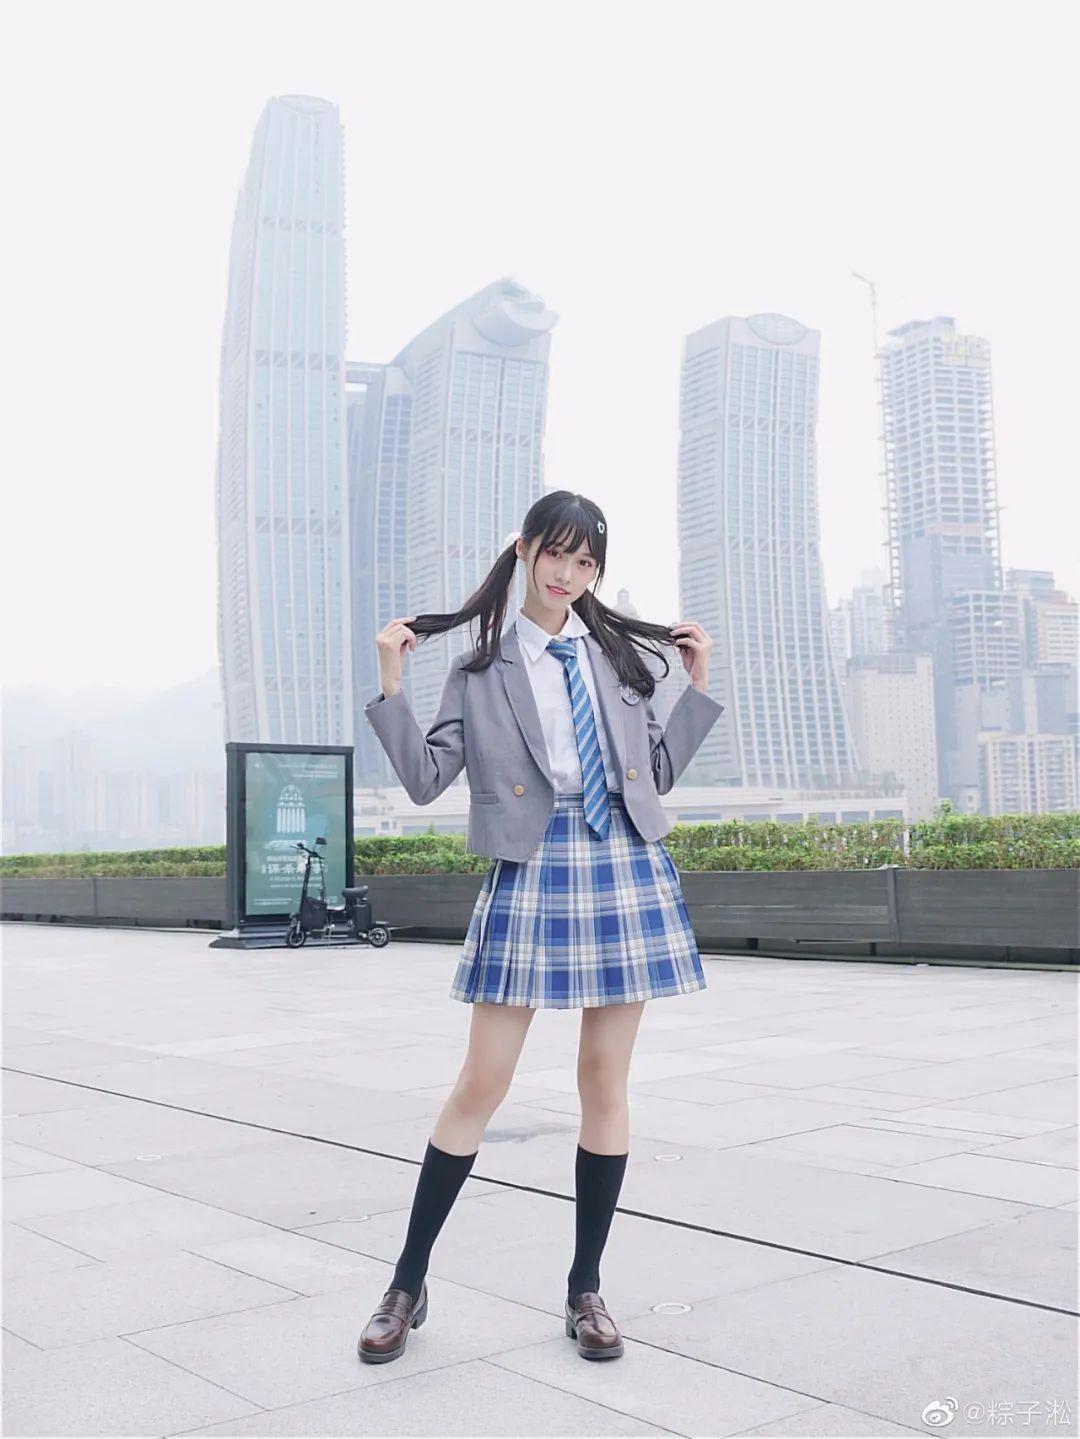 妹子摄影 – JK制服少女的夏日@粽子淞_图片 No.6